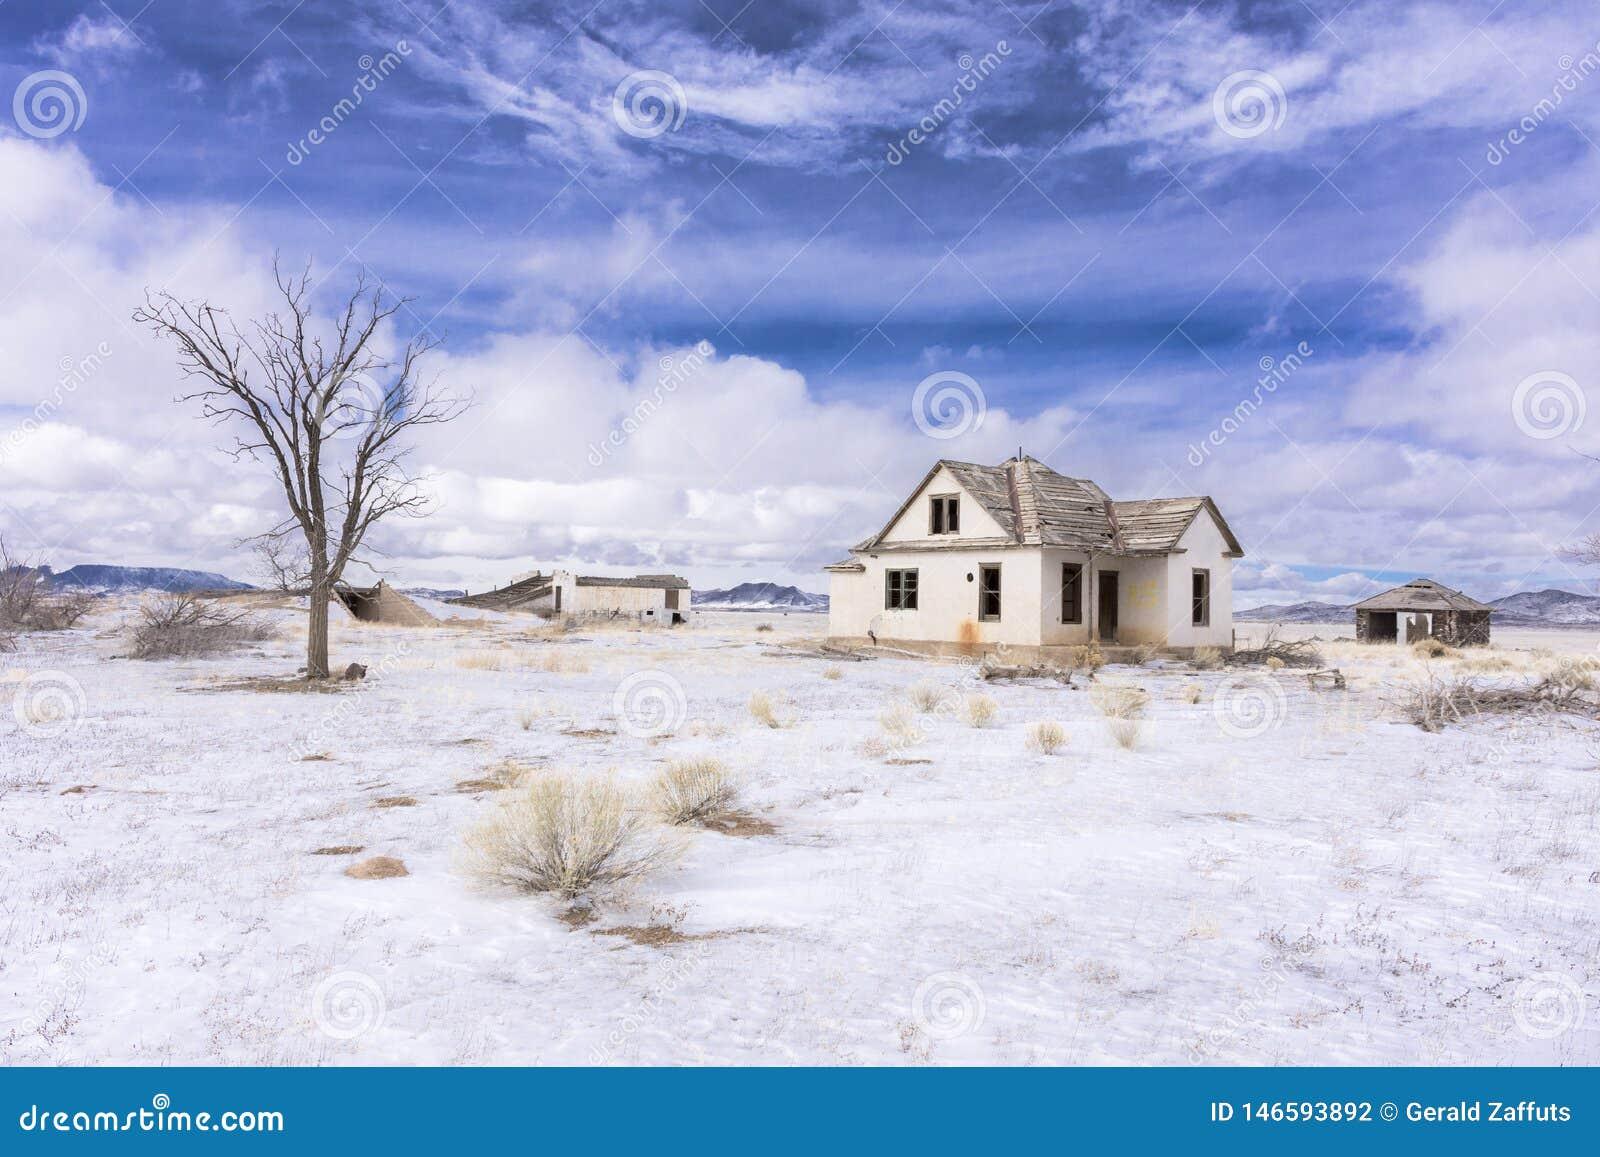 Verlassenes Colorado-Gehöft im Winter mit Schnee